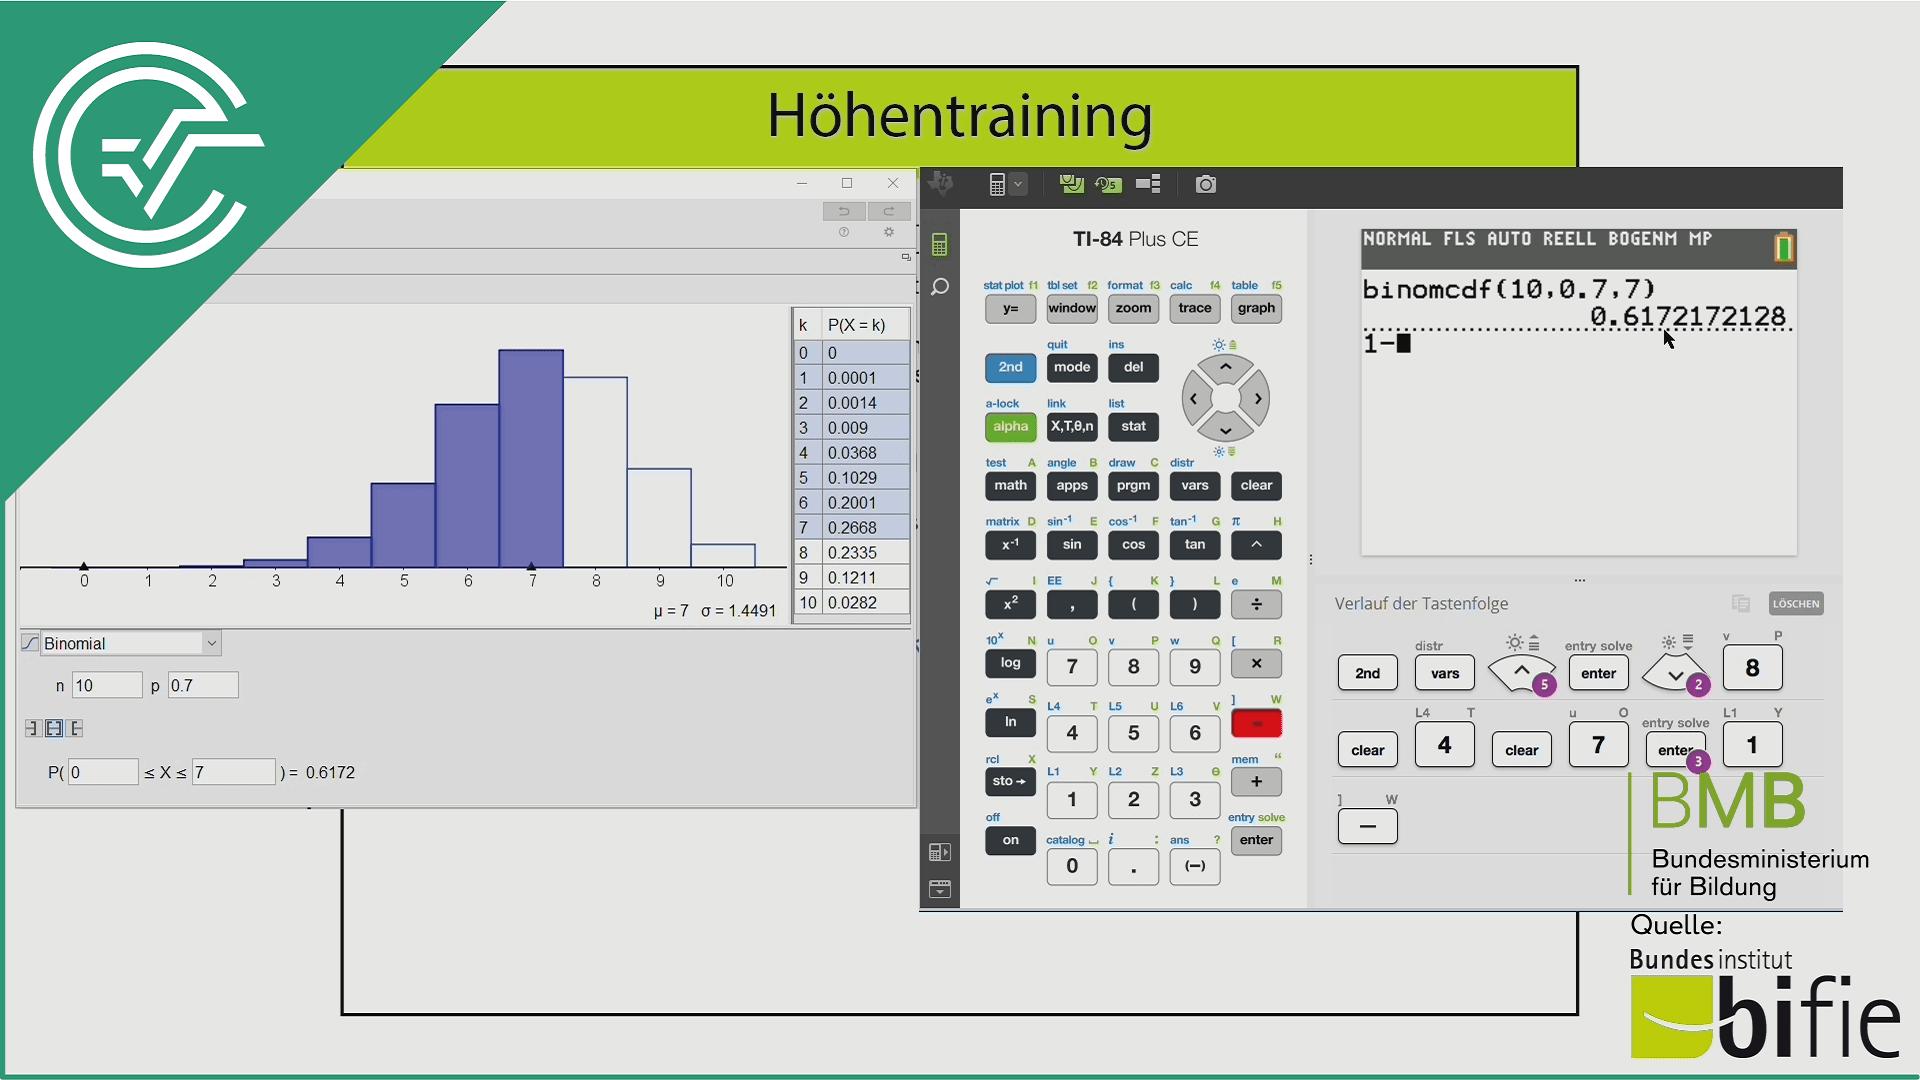 A_202 Höhentraining d [Binomialverteilung]